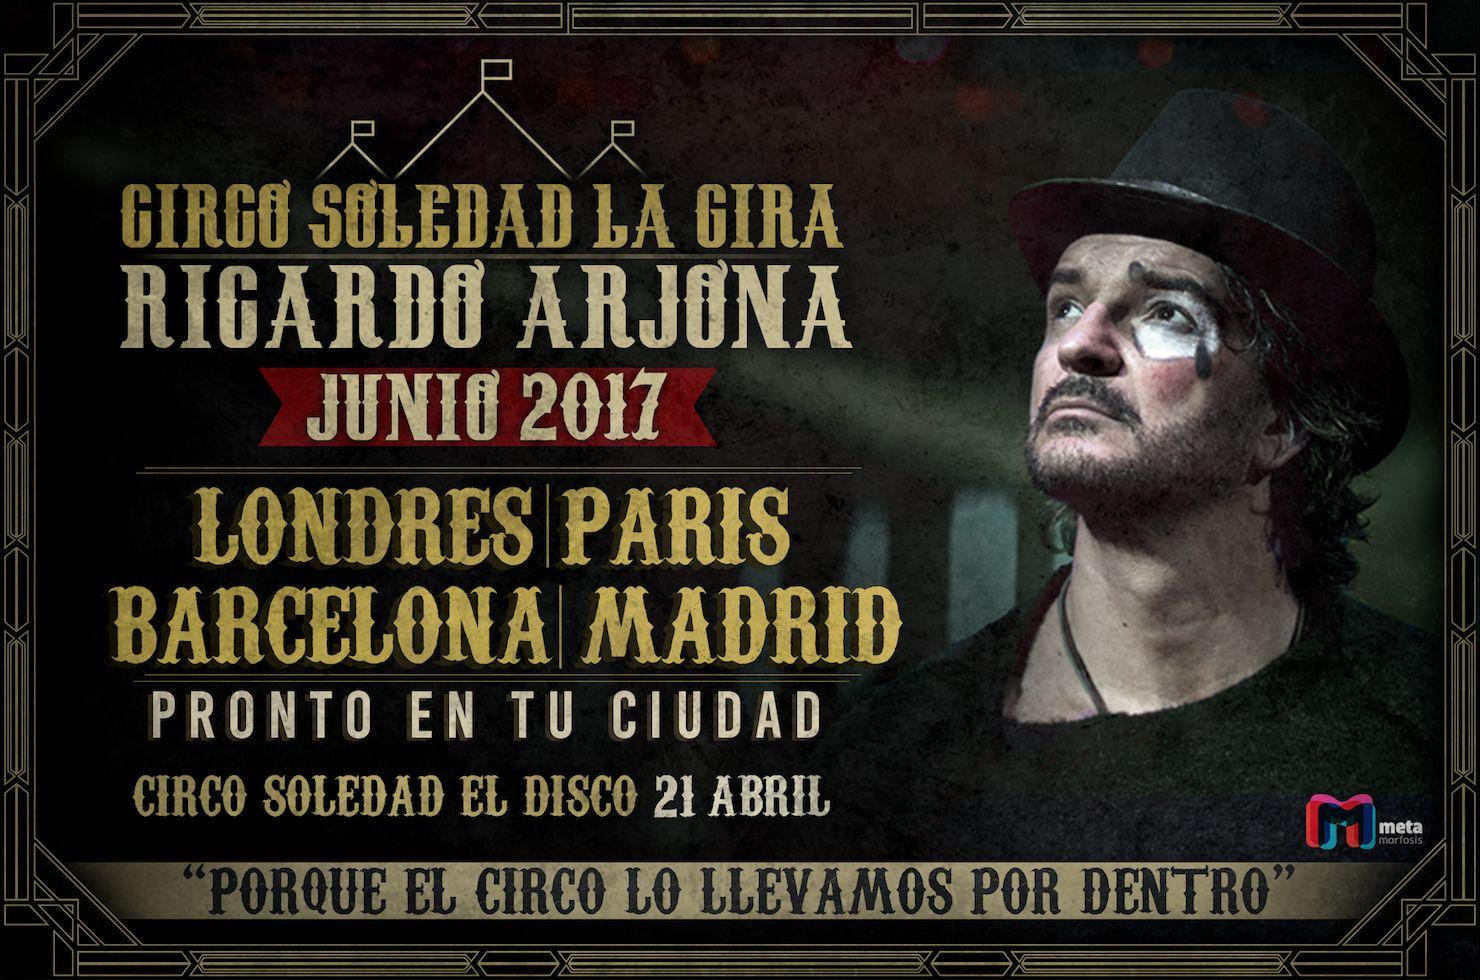 Ricardo Arjona presenta a Nivel Mundial